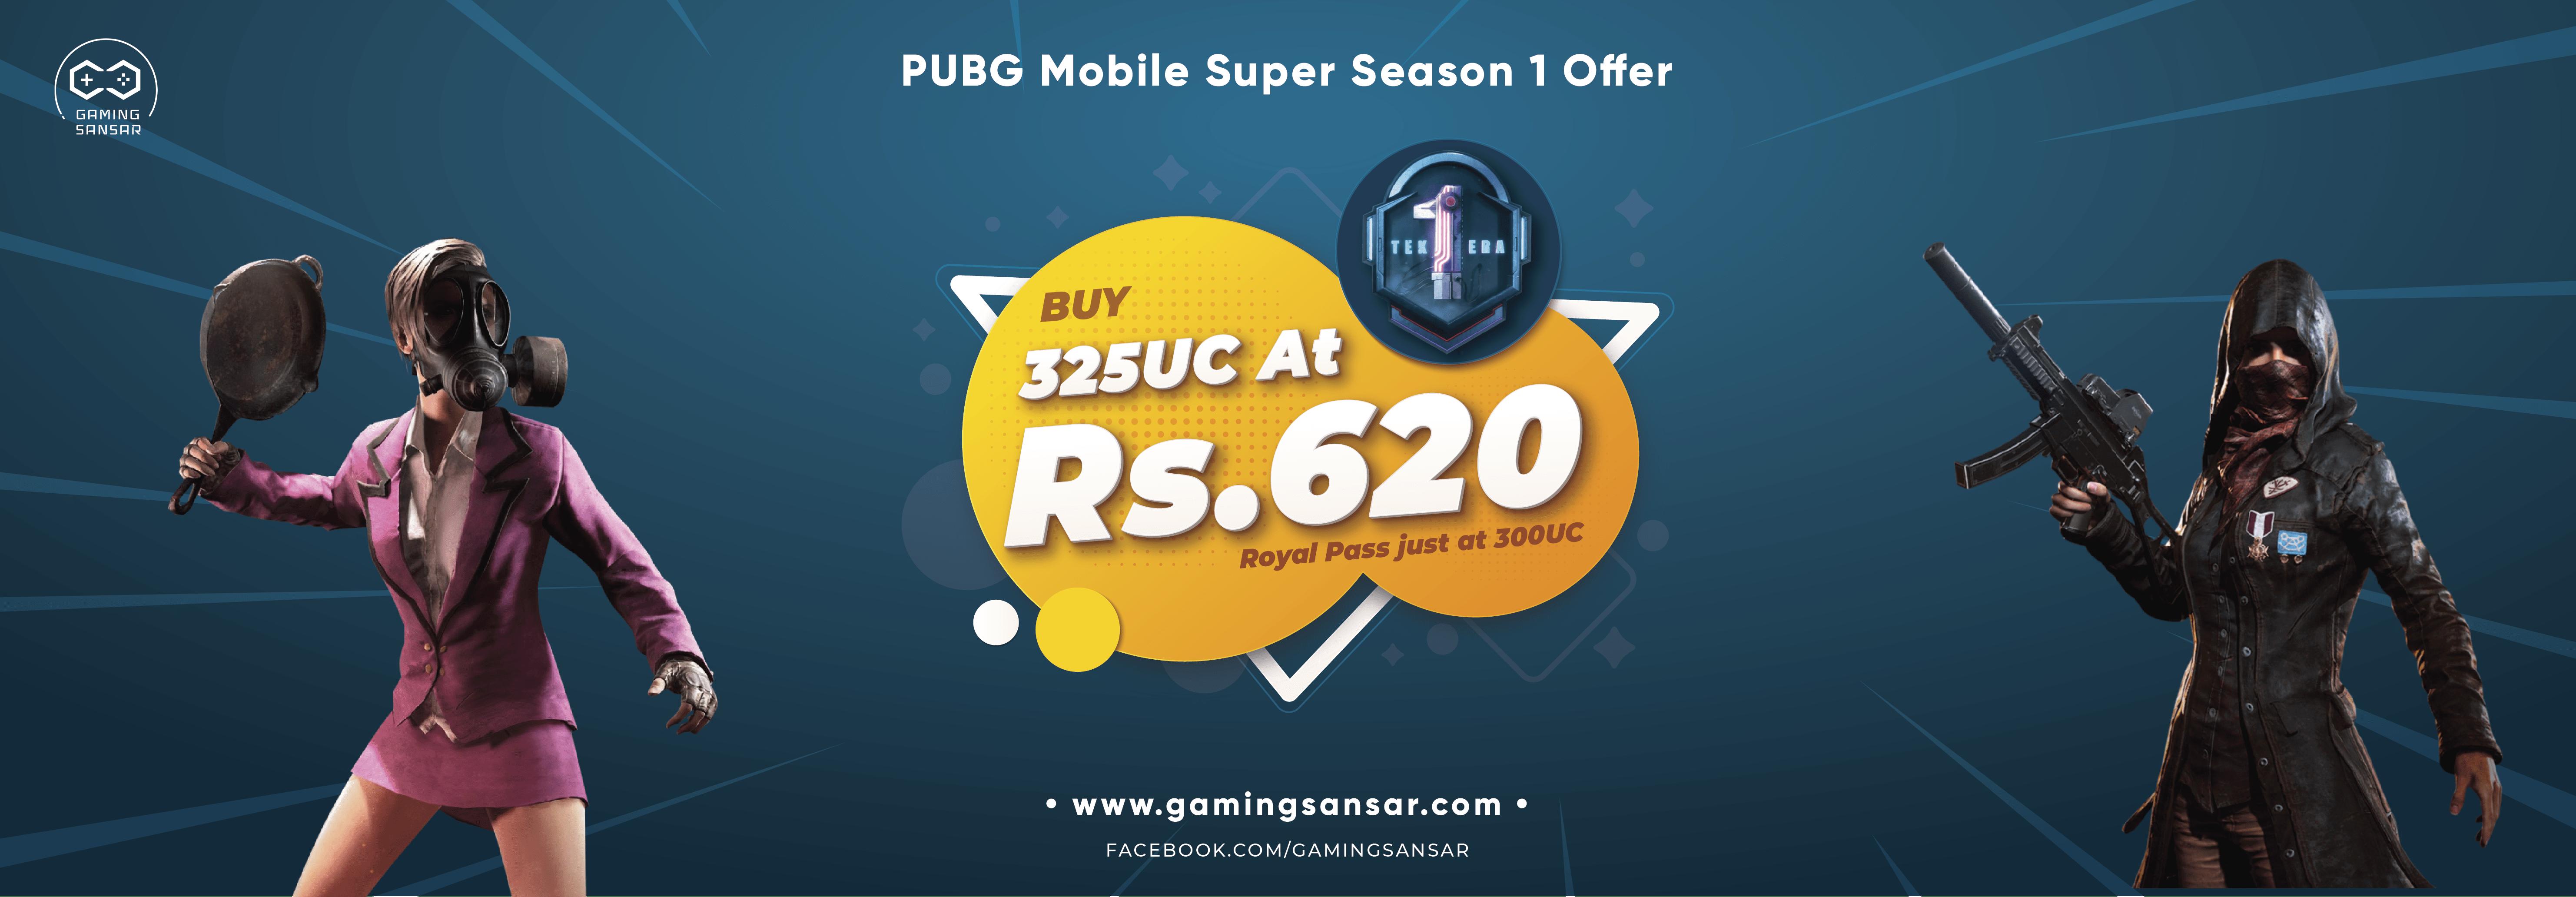 Get Super Season 1 Royal Pass (325 UC) at Just Rs. 620 🥰🥰🥰